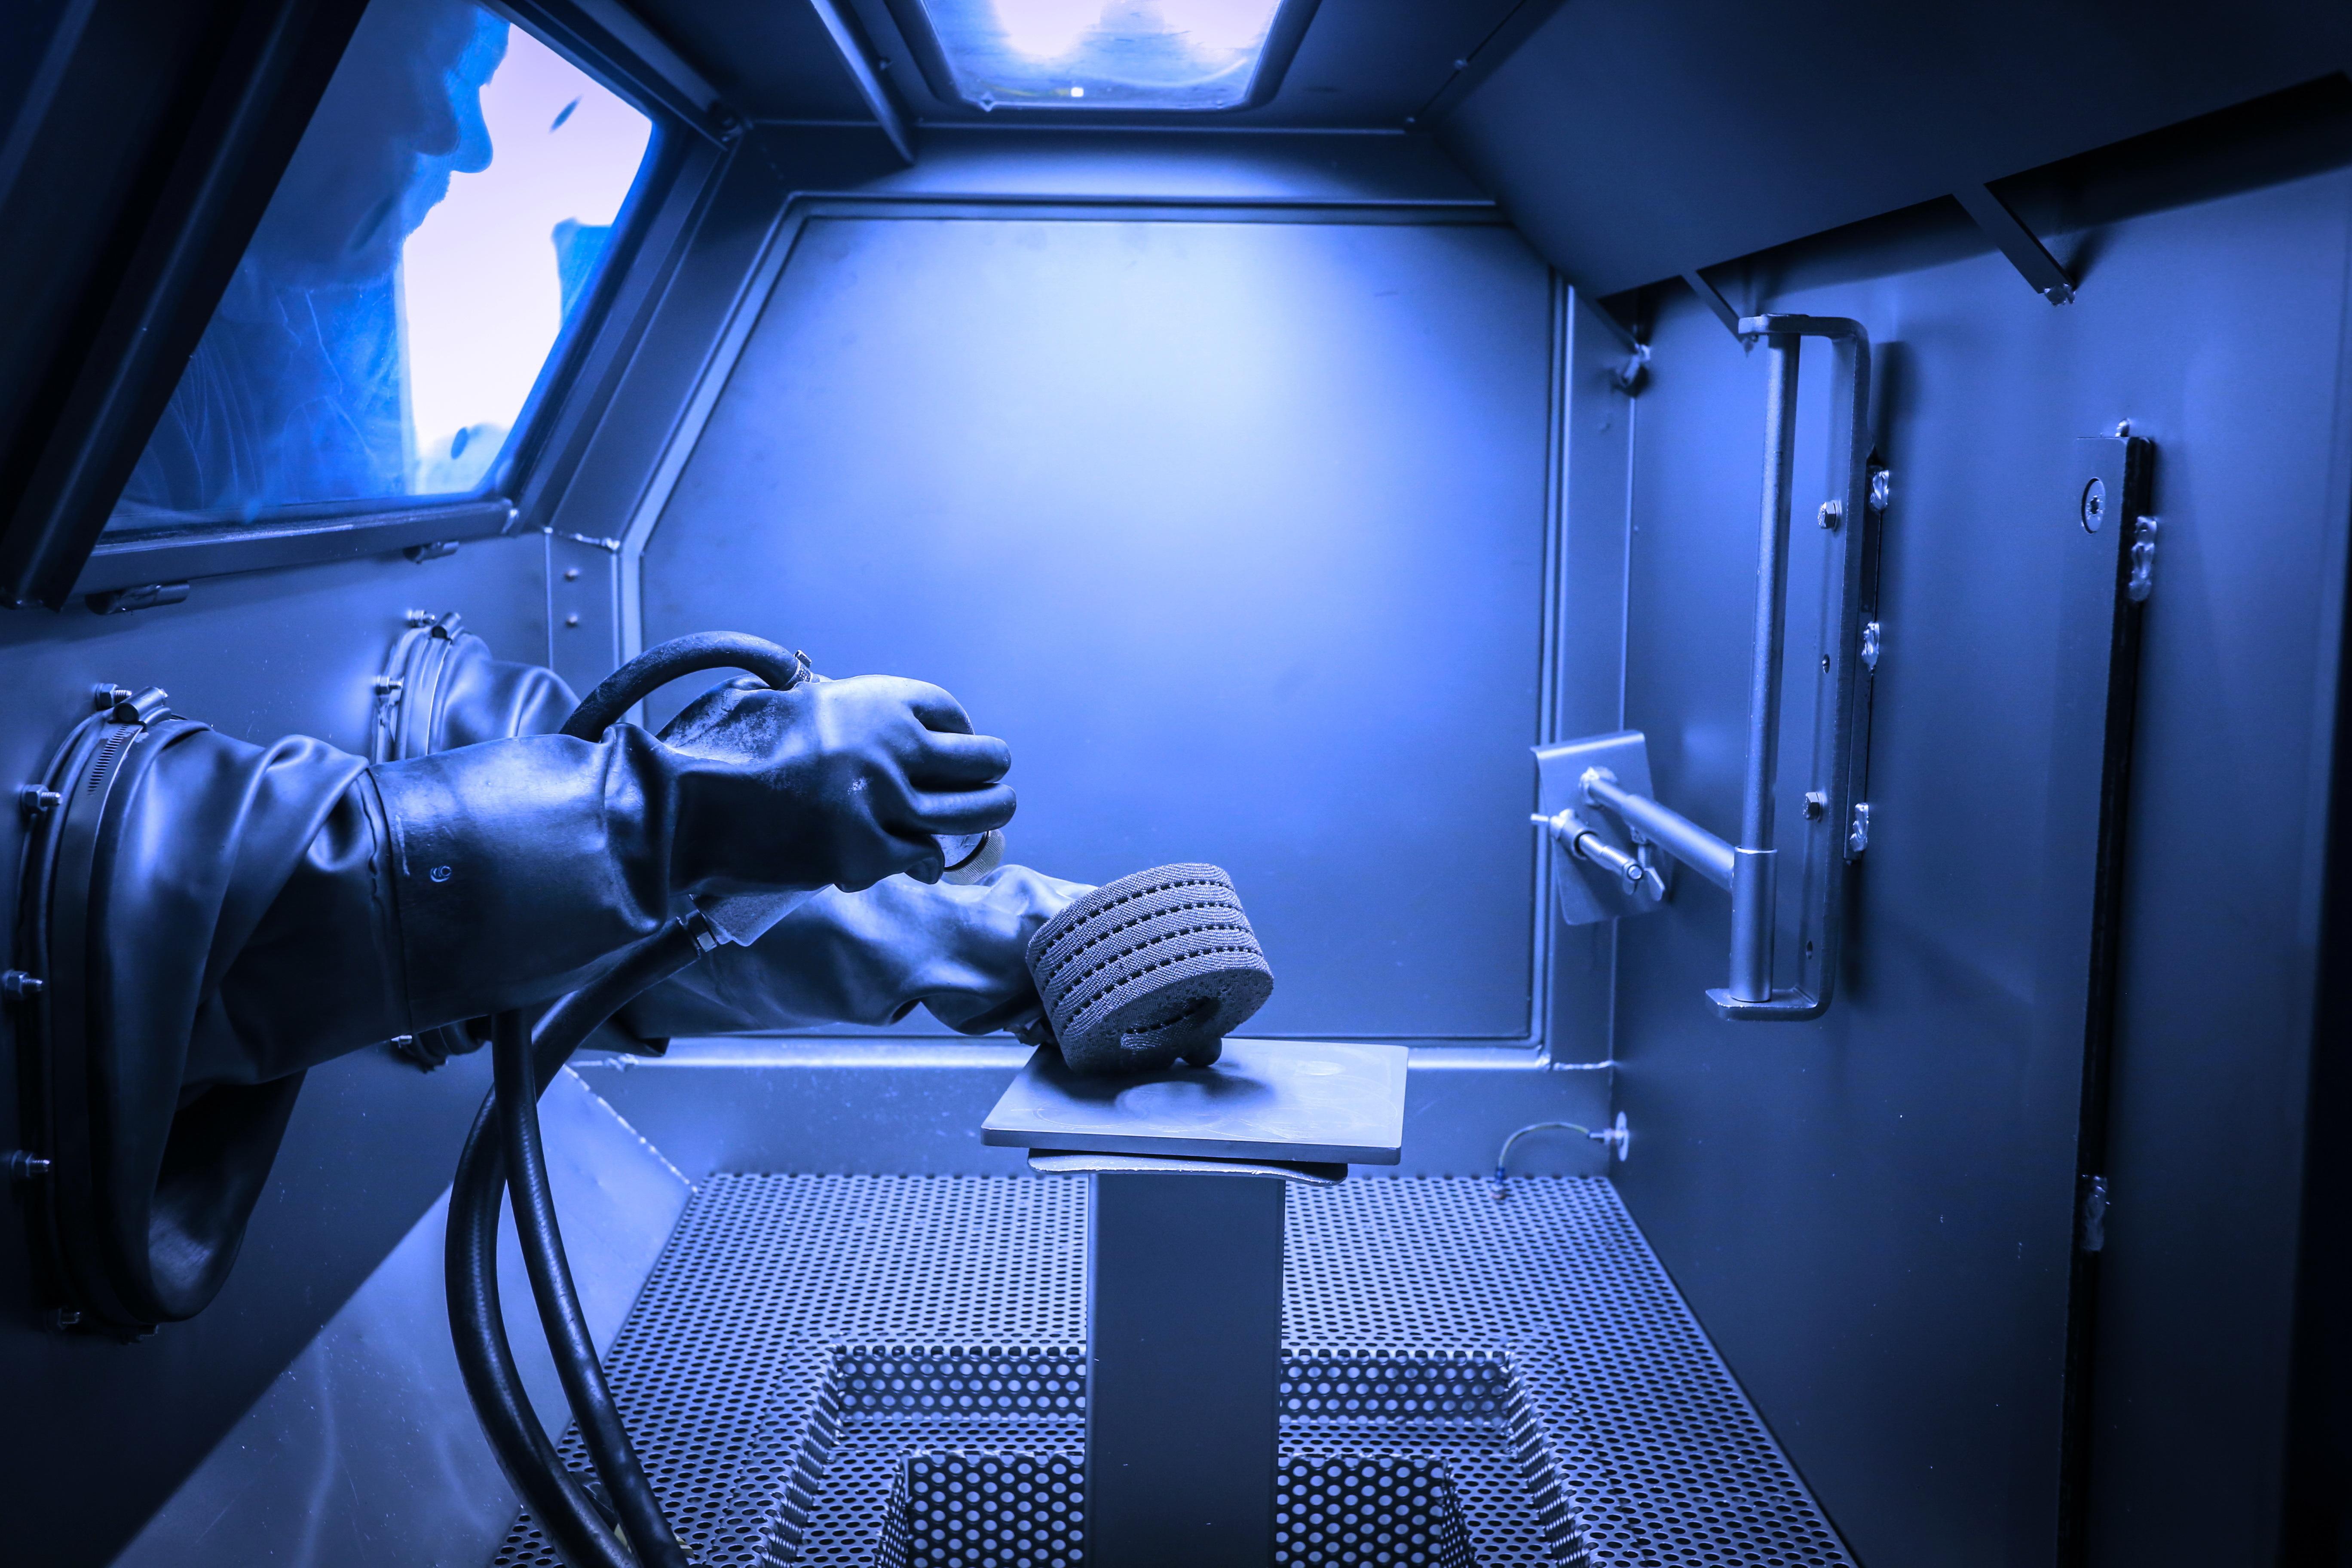 La importancia del post-procesado en la impresión 3D- Entrevista con Enric Sirera de ABRAST